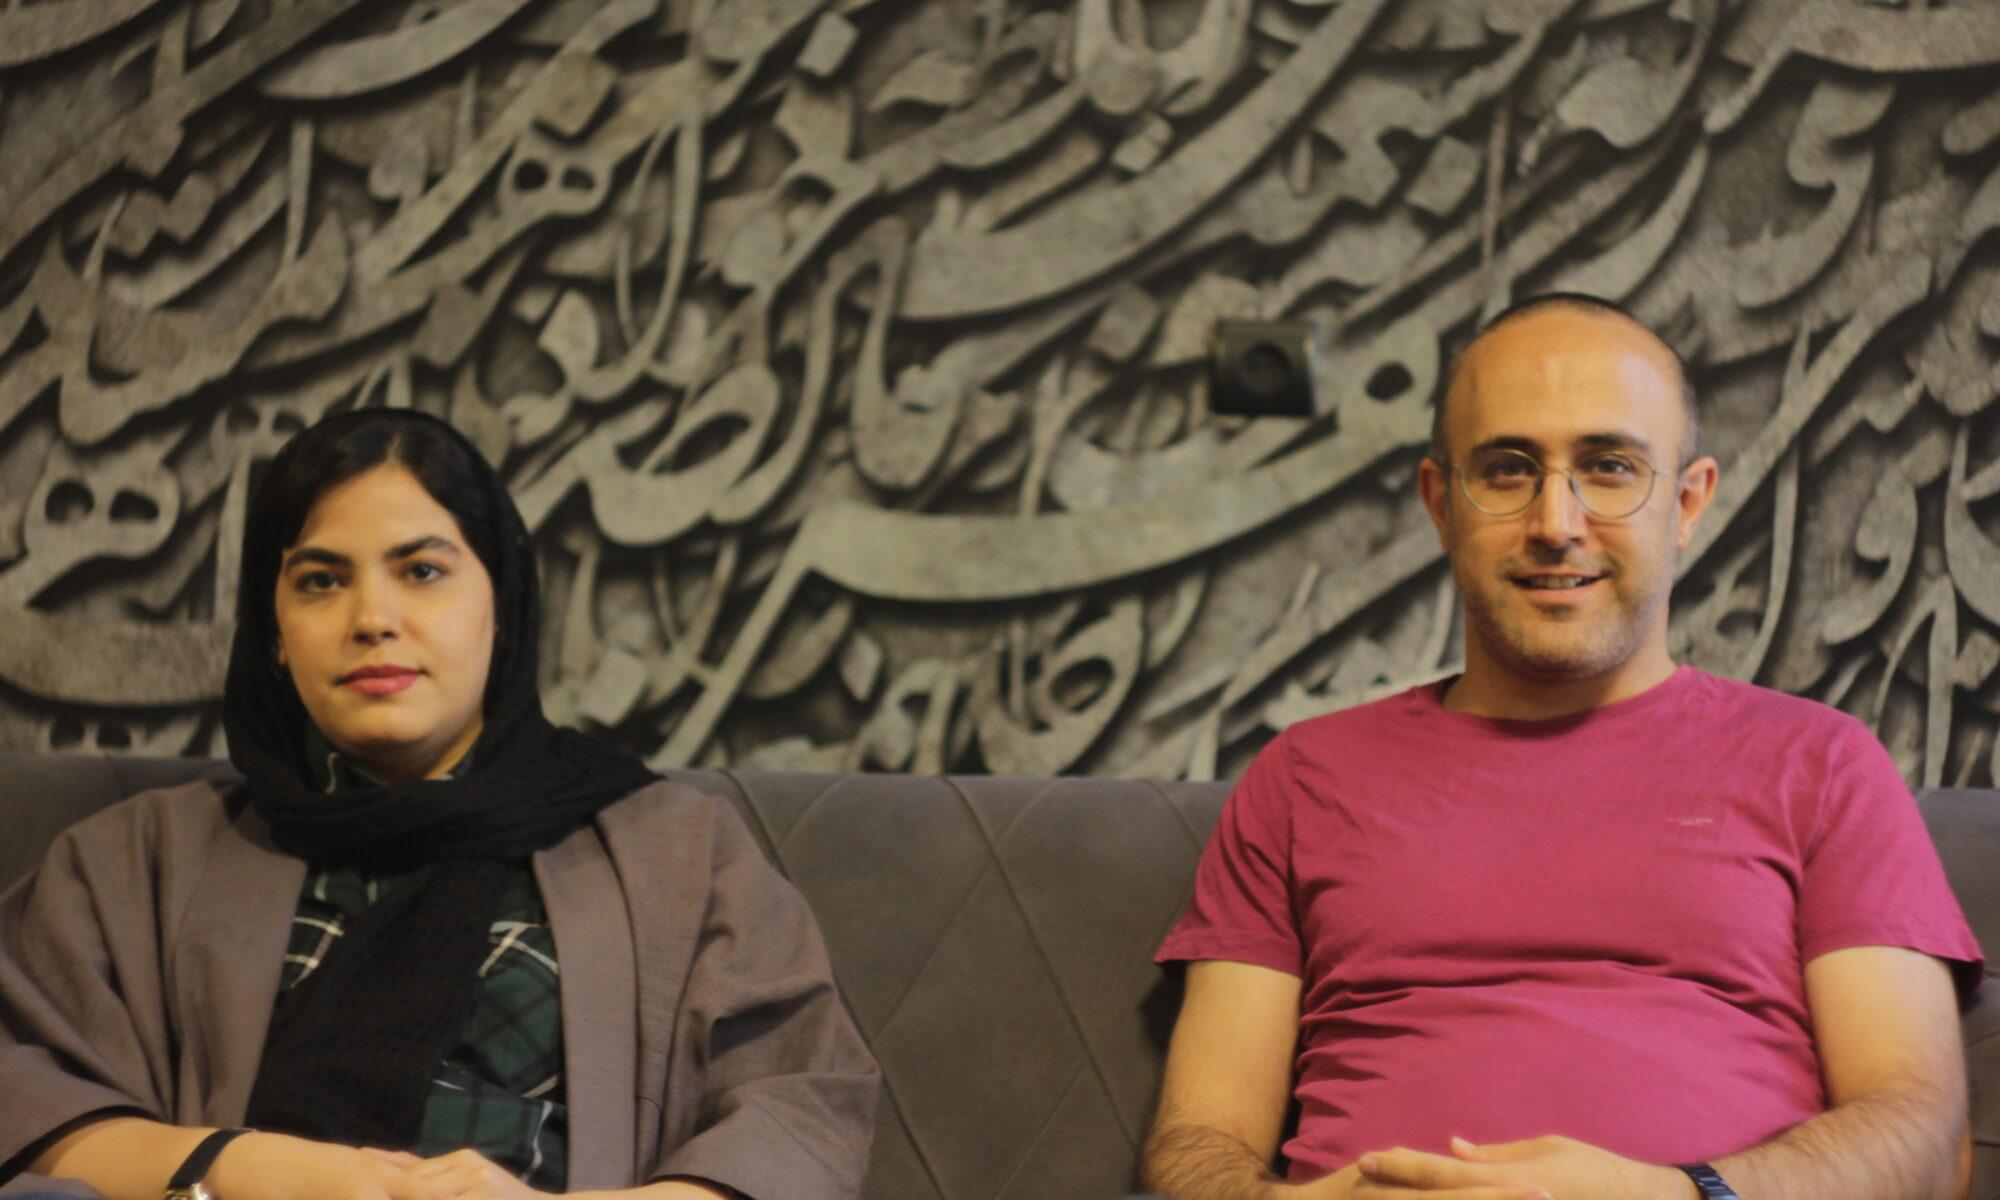 سجاد موسوی و مریم تقوی از ویژگی های مذاکره خوب می گویند